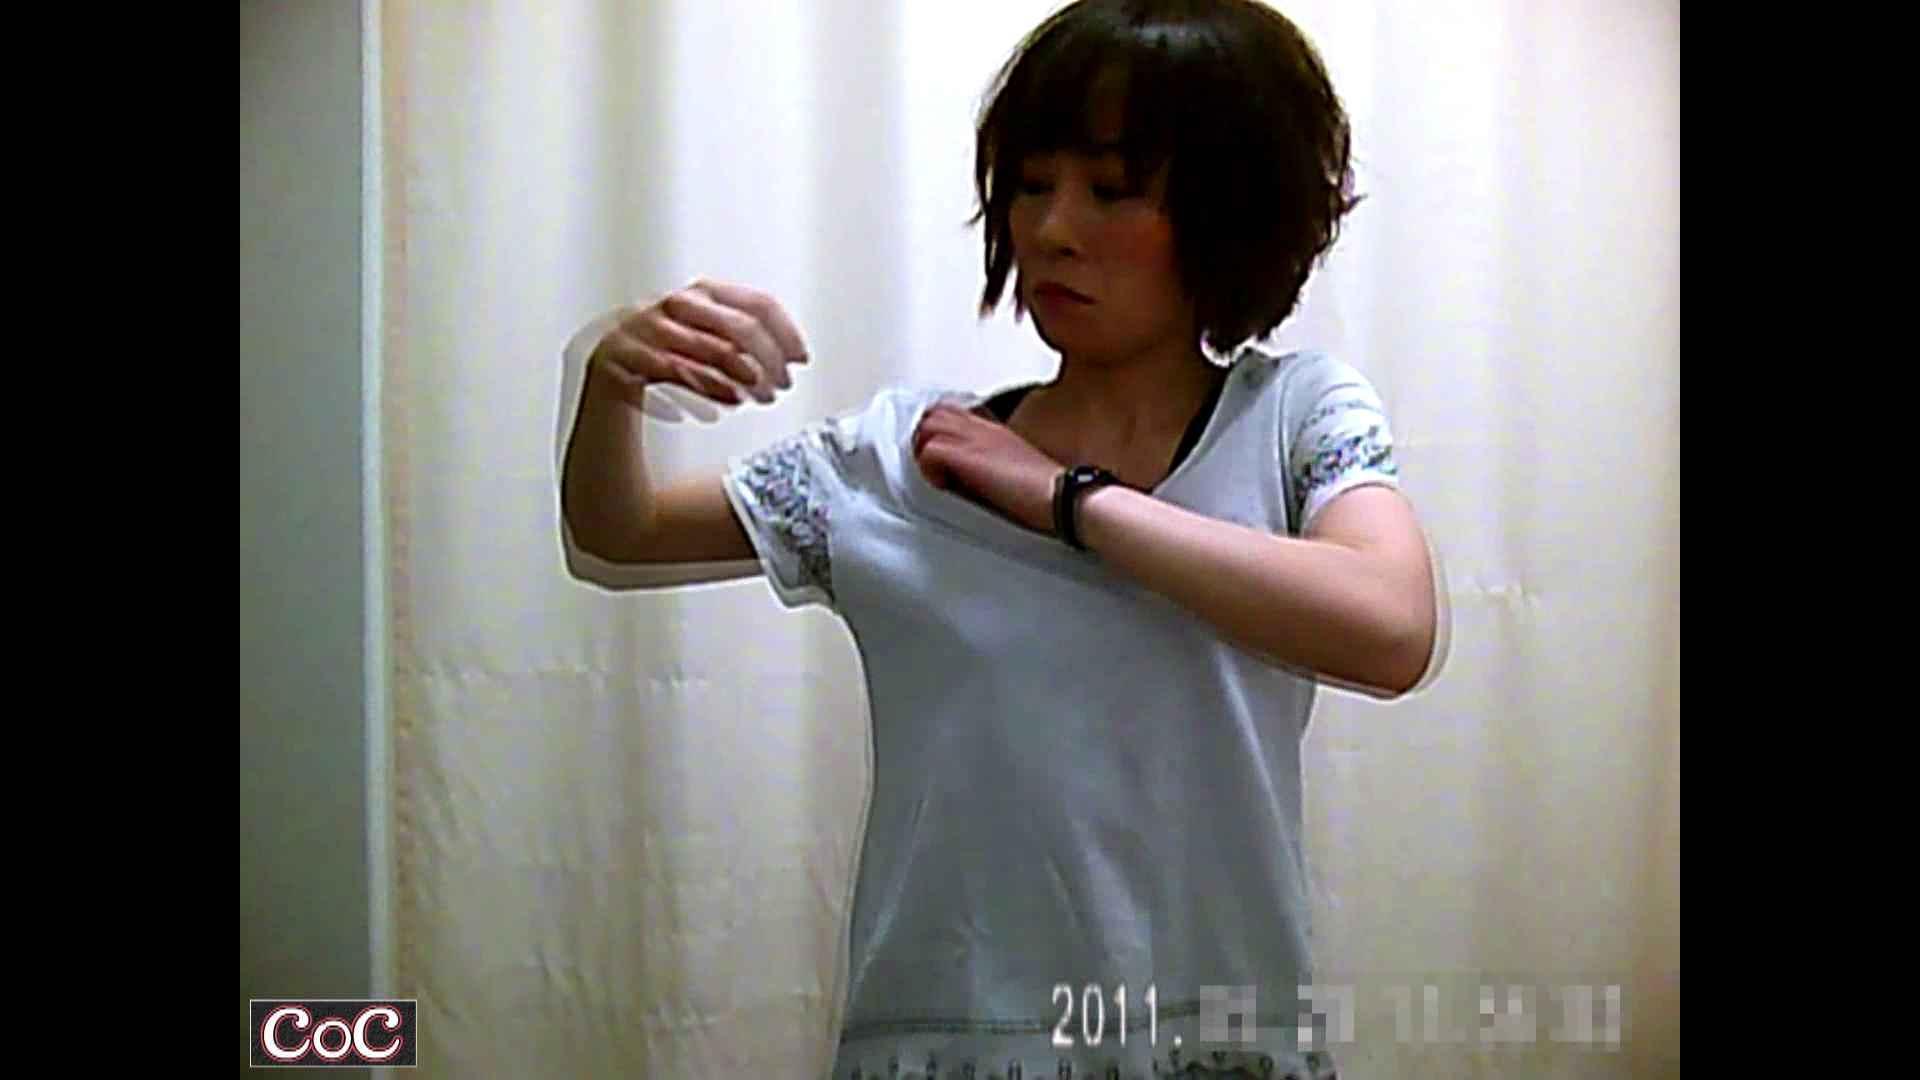 元医者による反抗 更衣室地獄絵巻 vol.164 OL  80pic 48